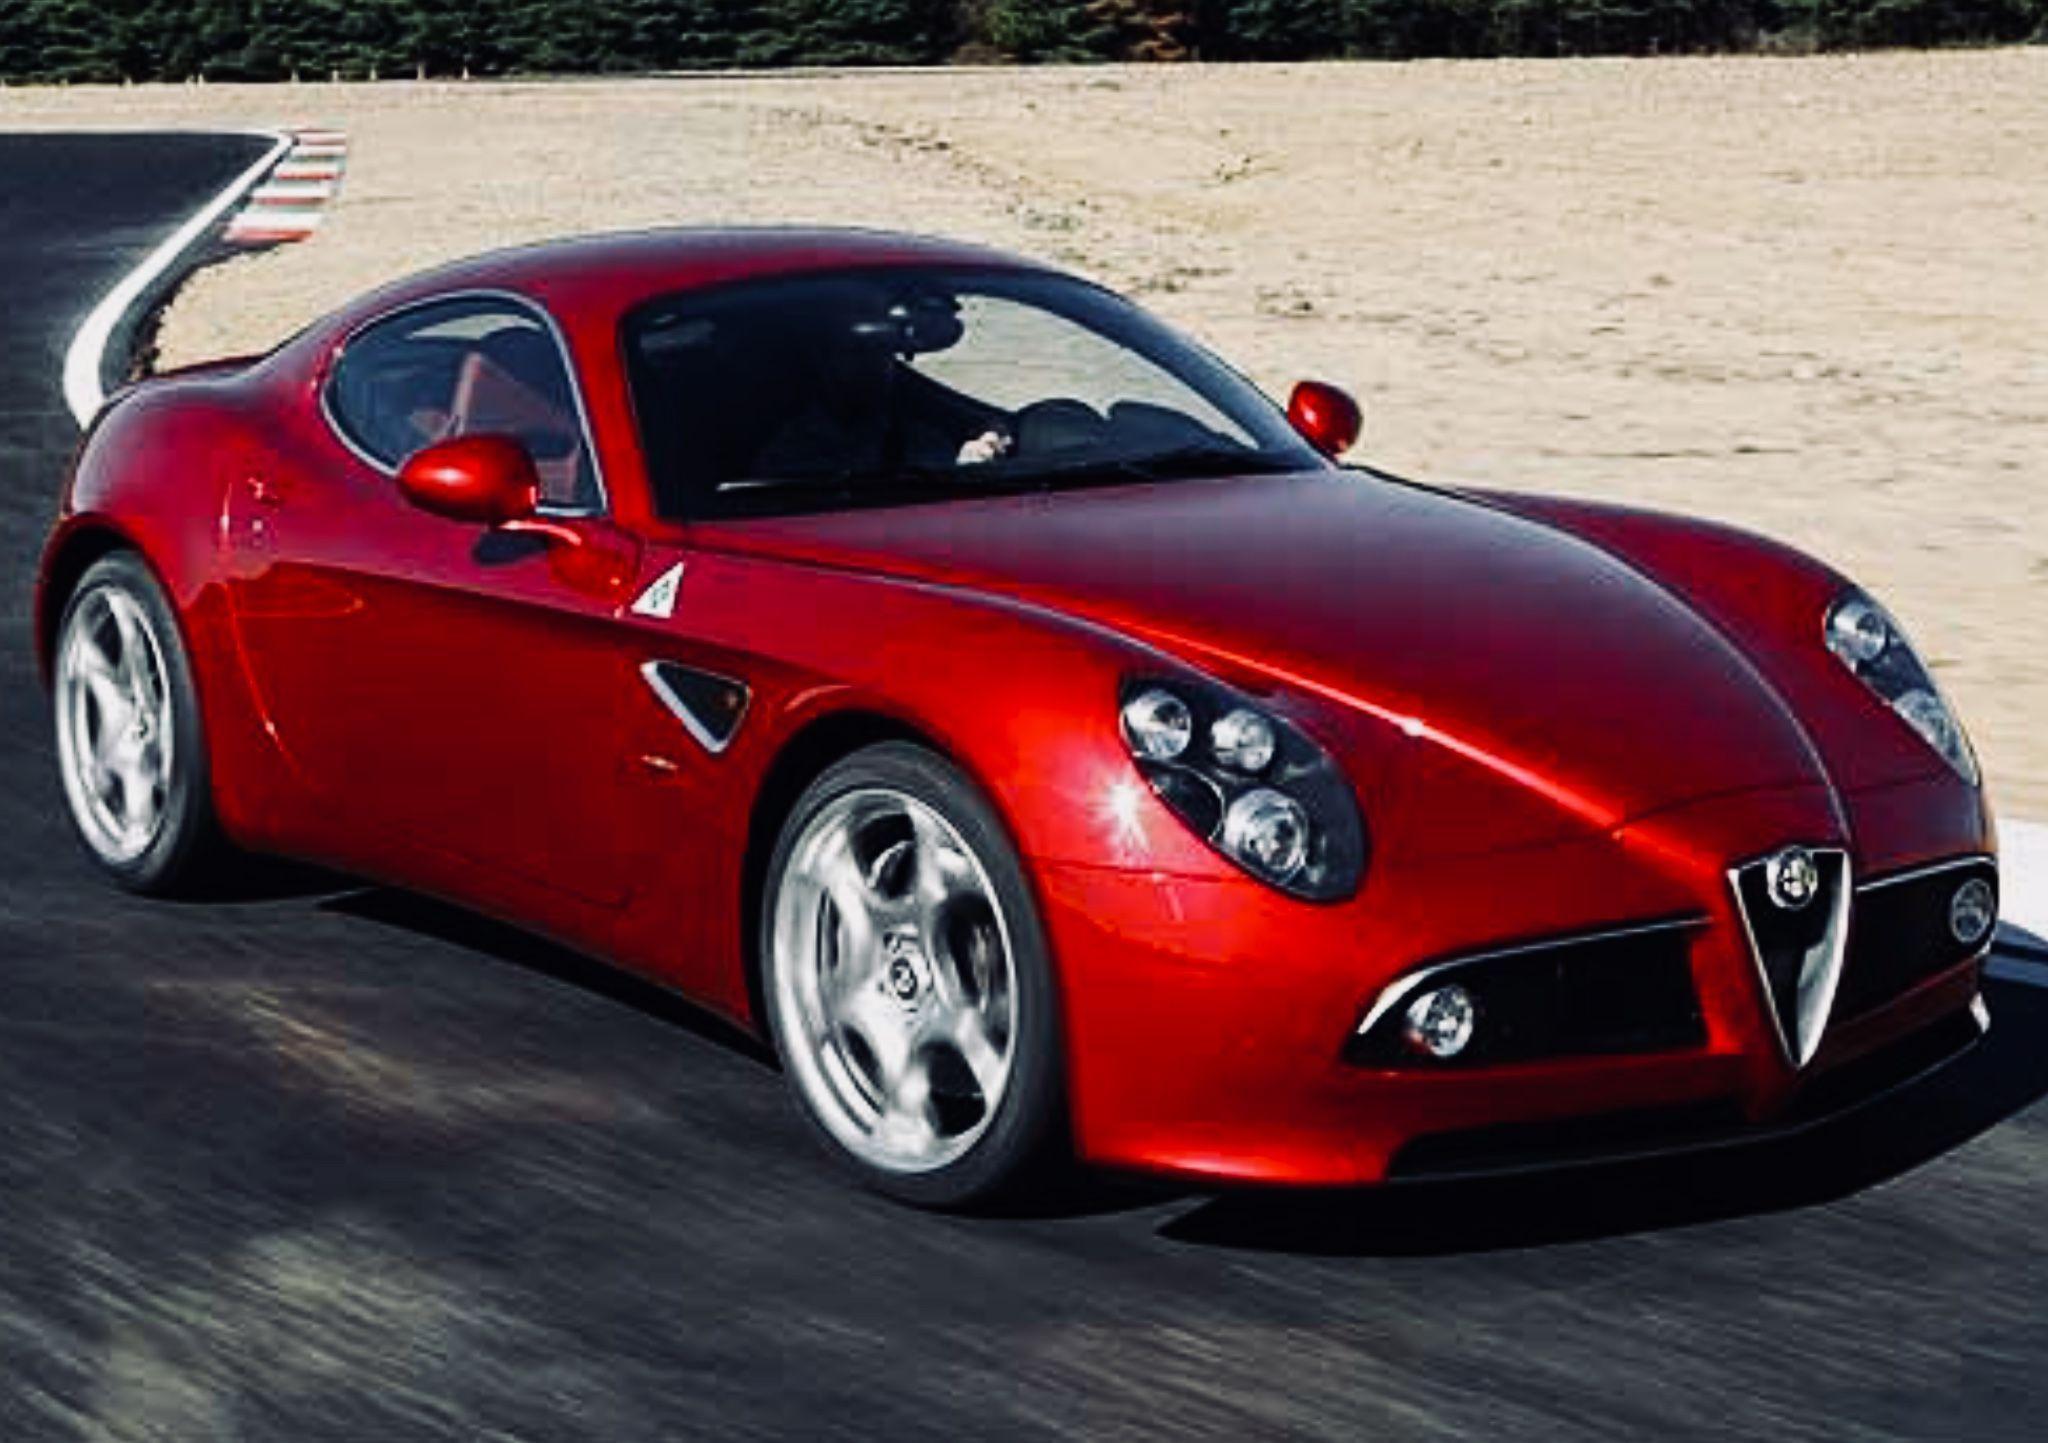 Alfa Romeo 8C petizione alfaromeo8c petizione